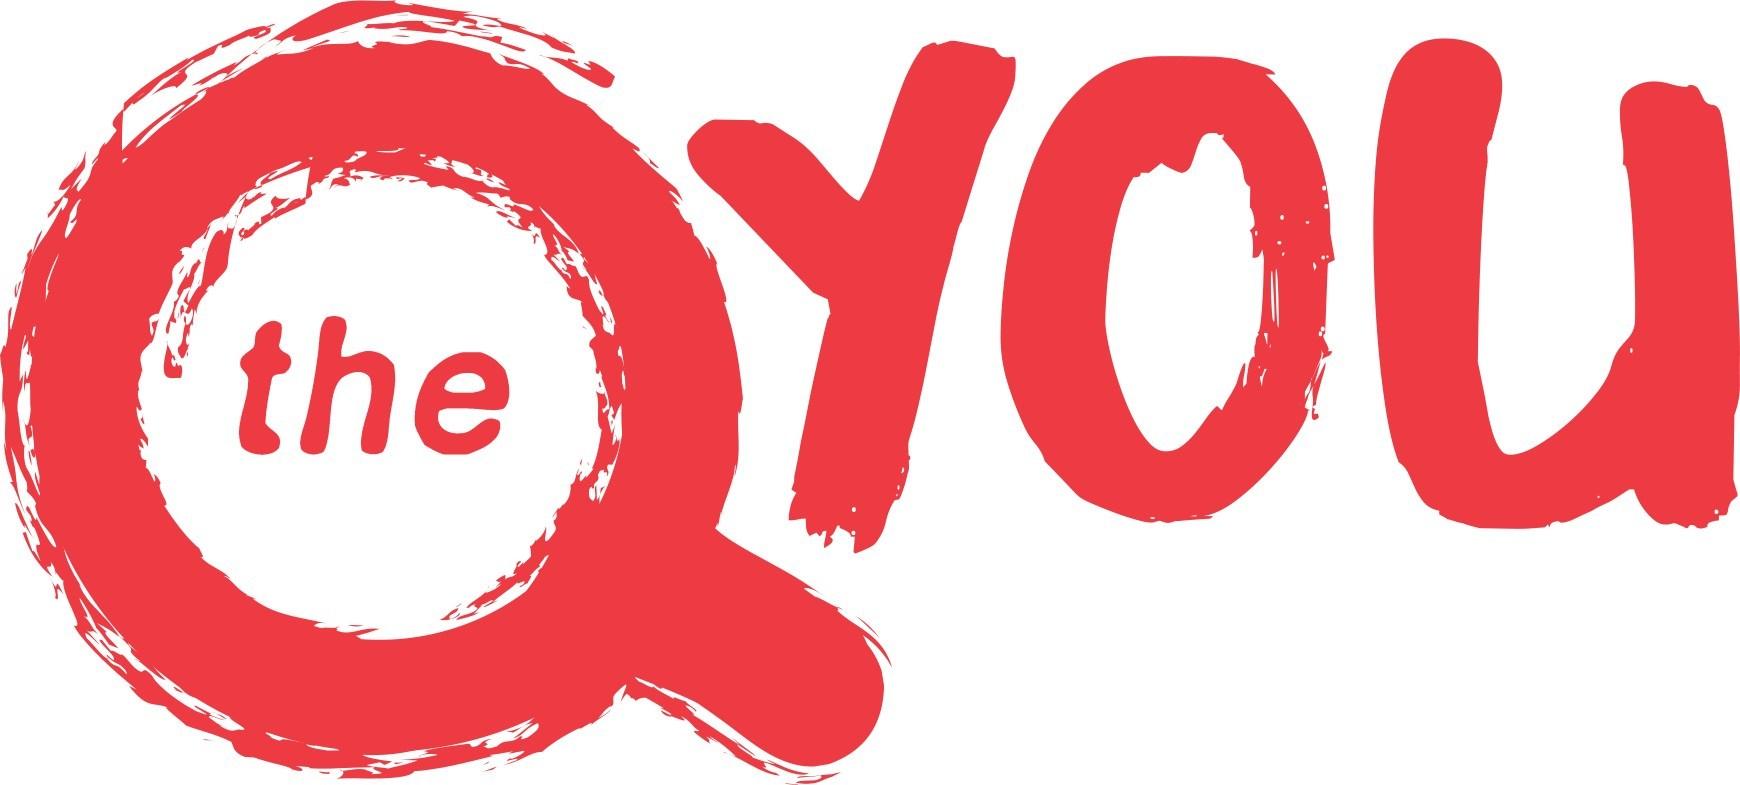 QYOU Media Announces Share Compensation